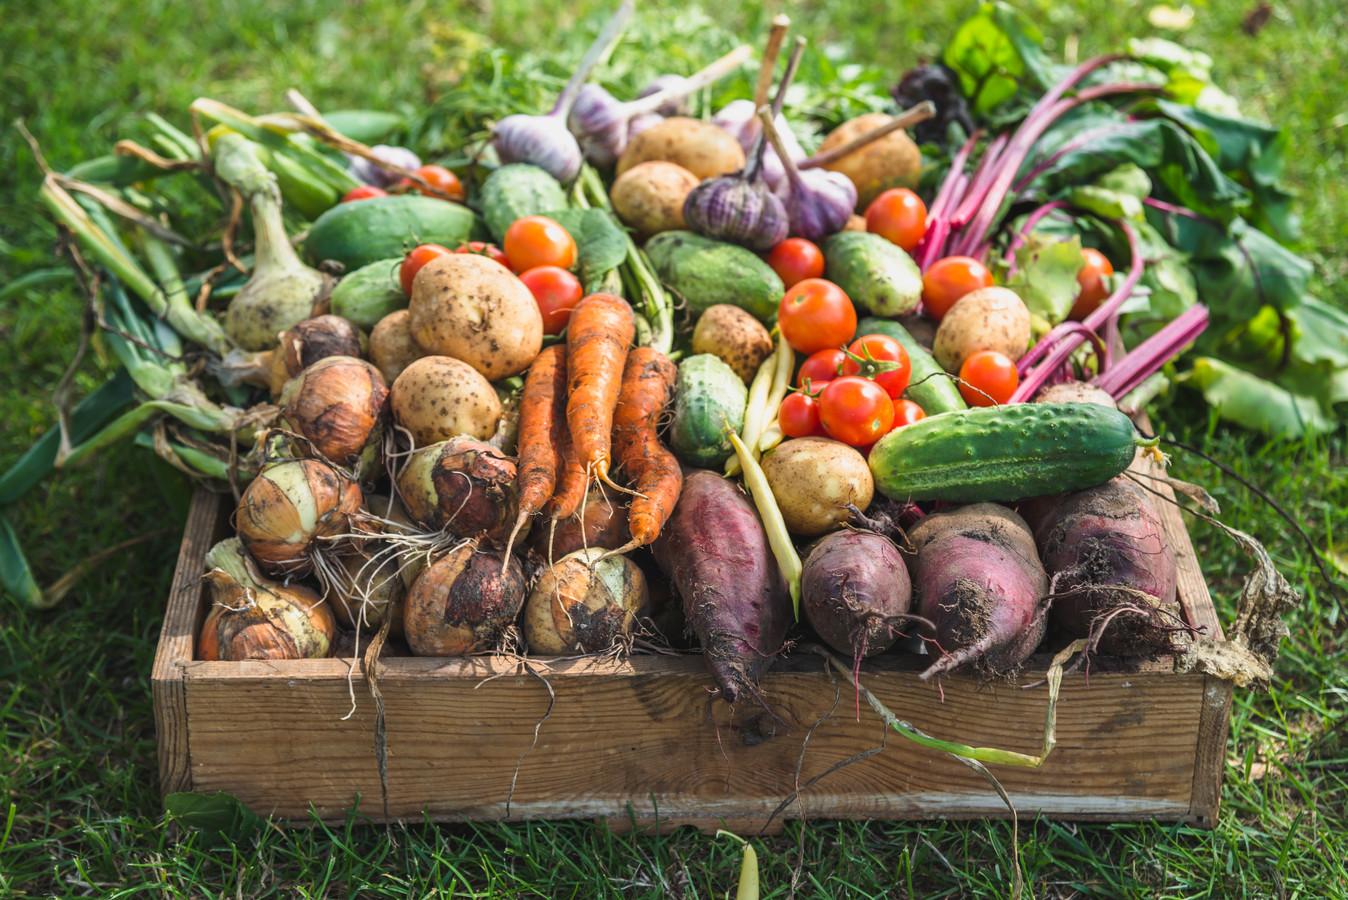 Nieuw onderzoek laat zien hoe goed biologisch eten is.